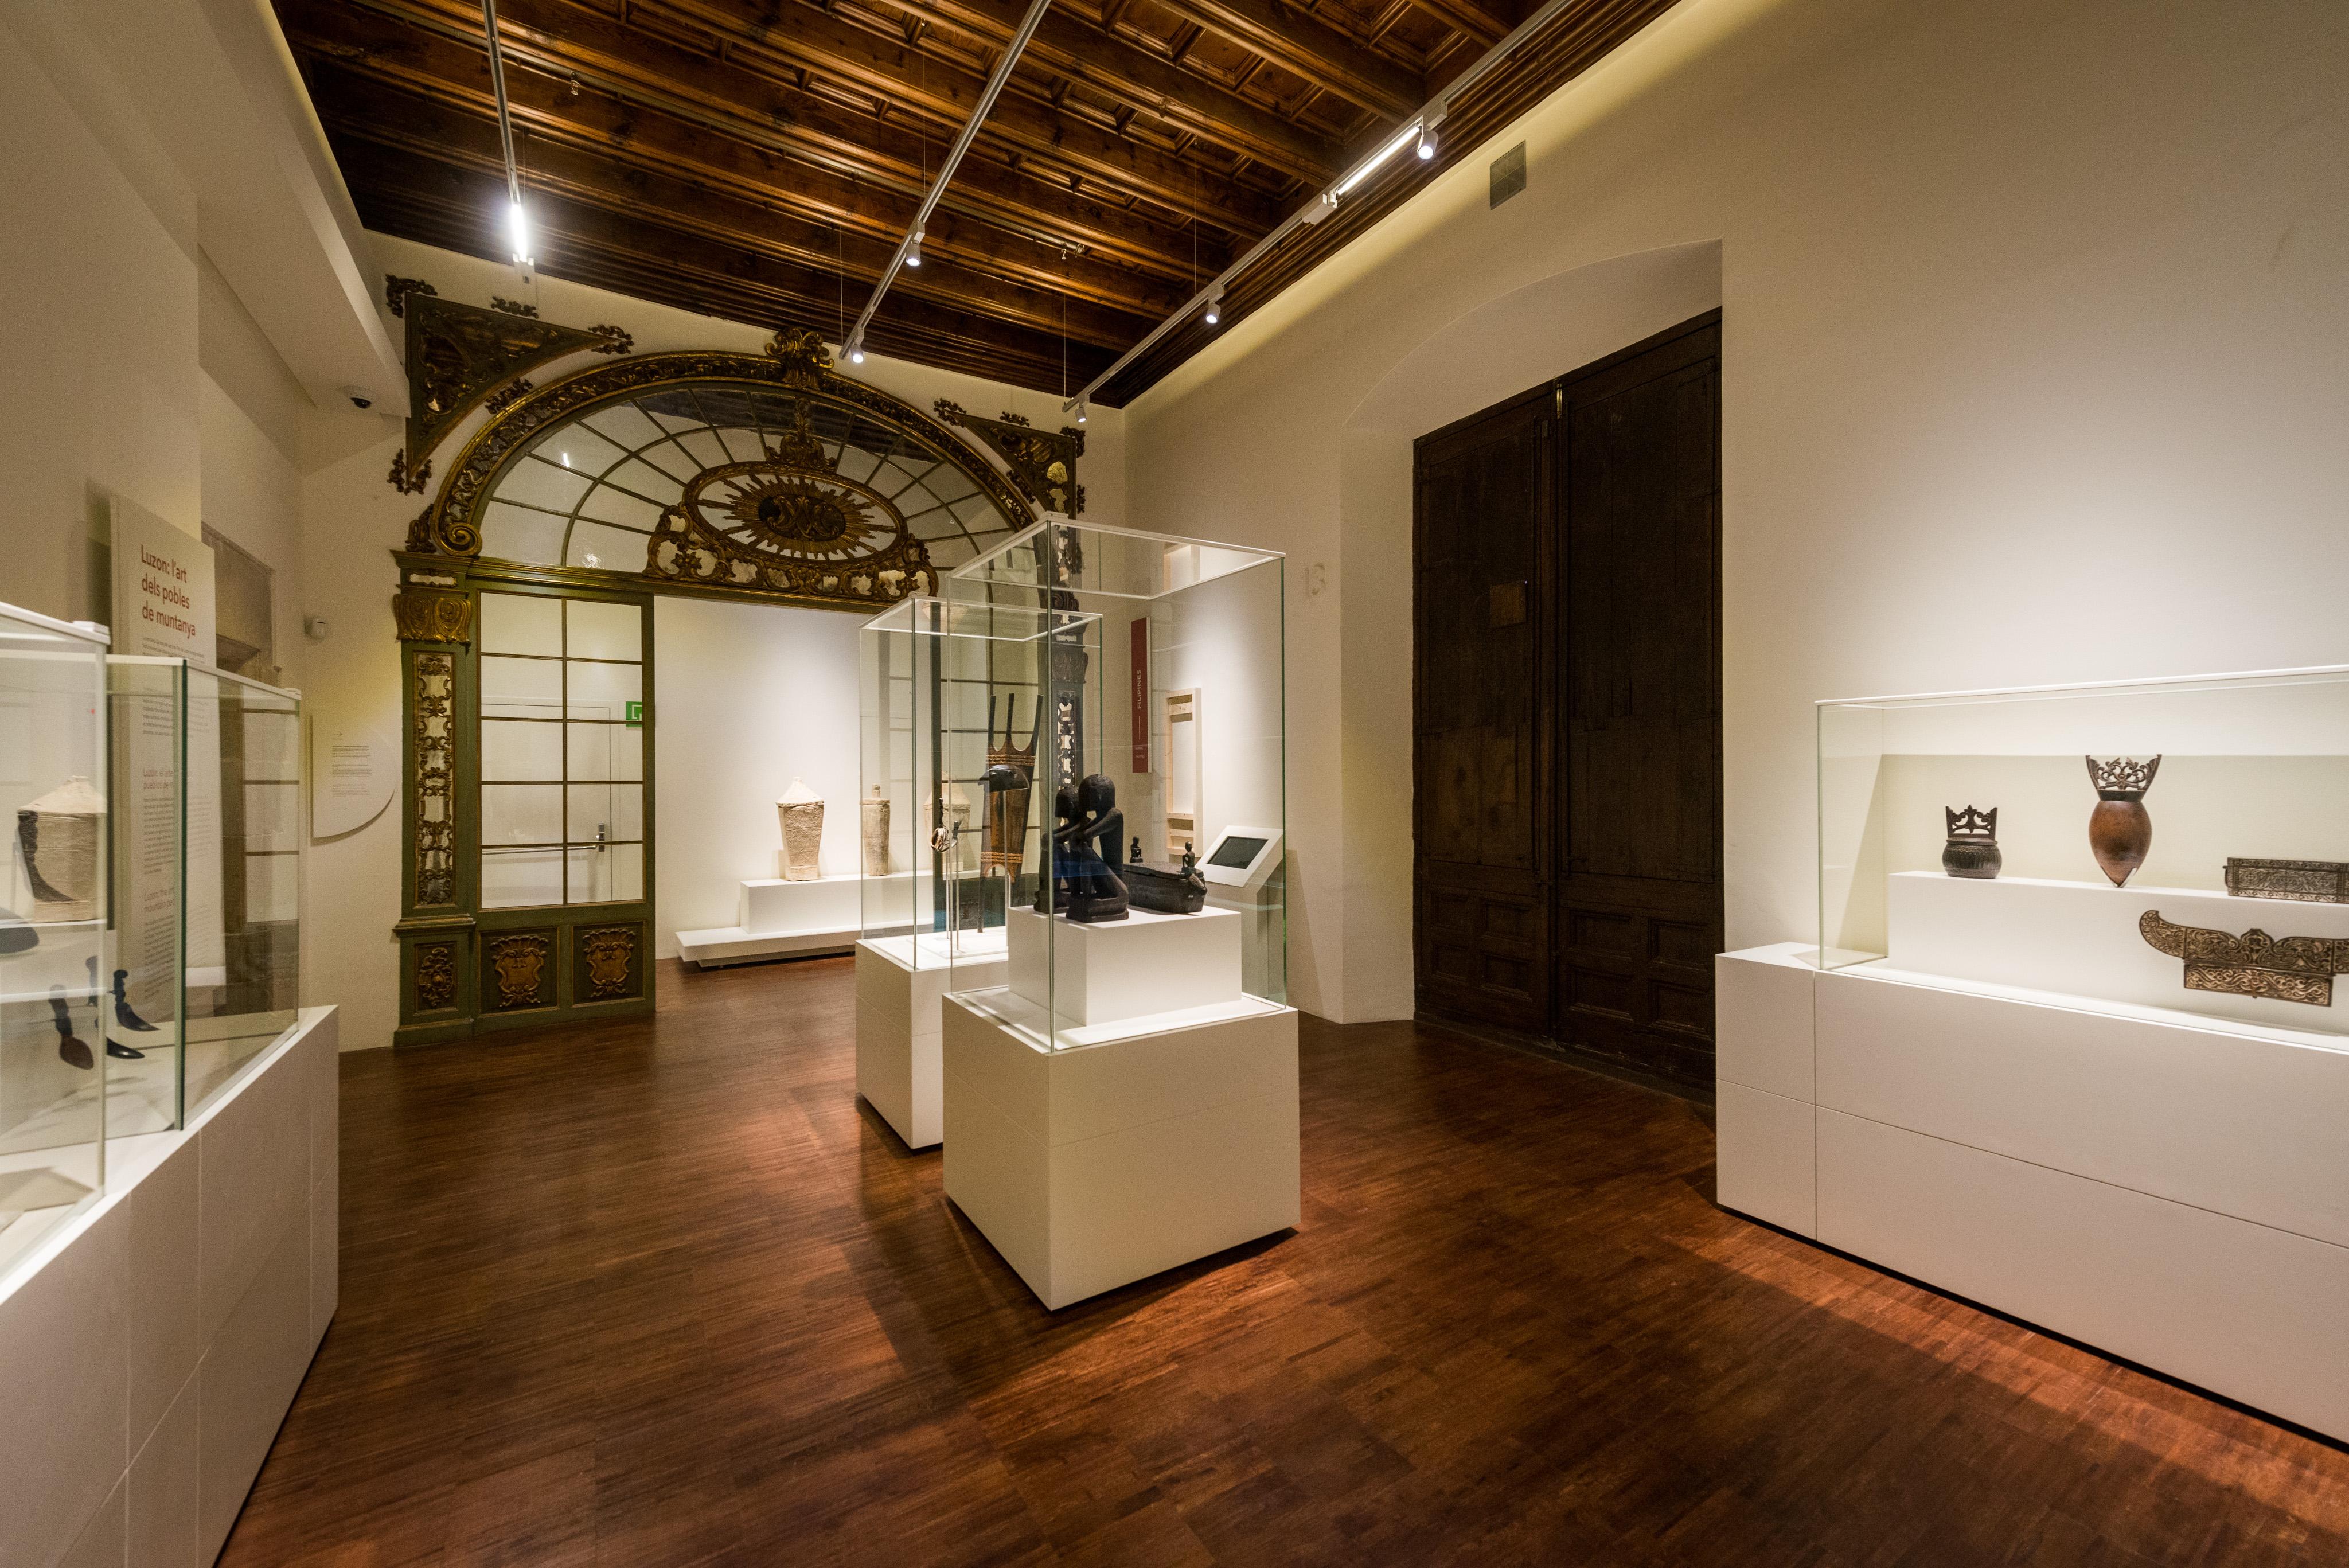 Musée des Cultures du Monde de Barcelone